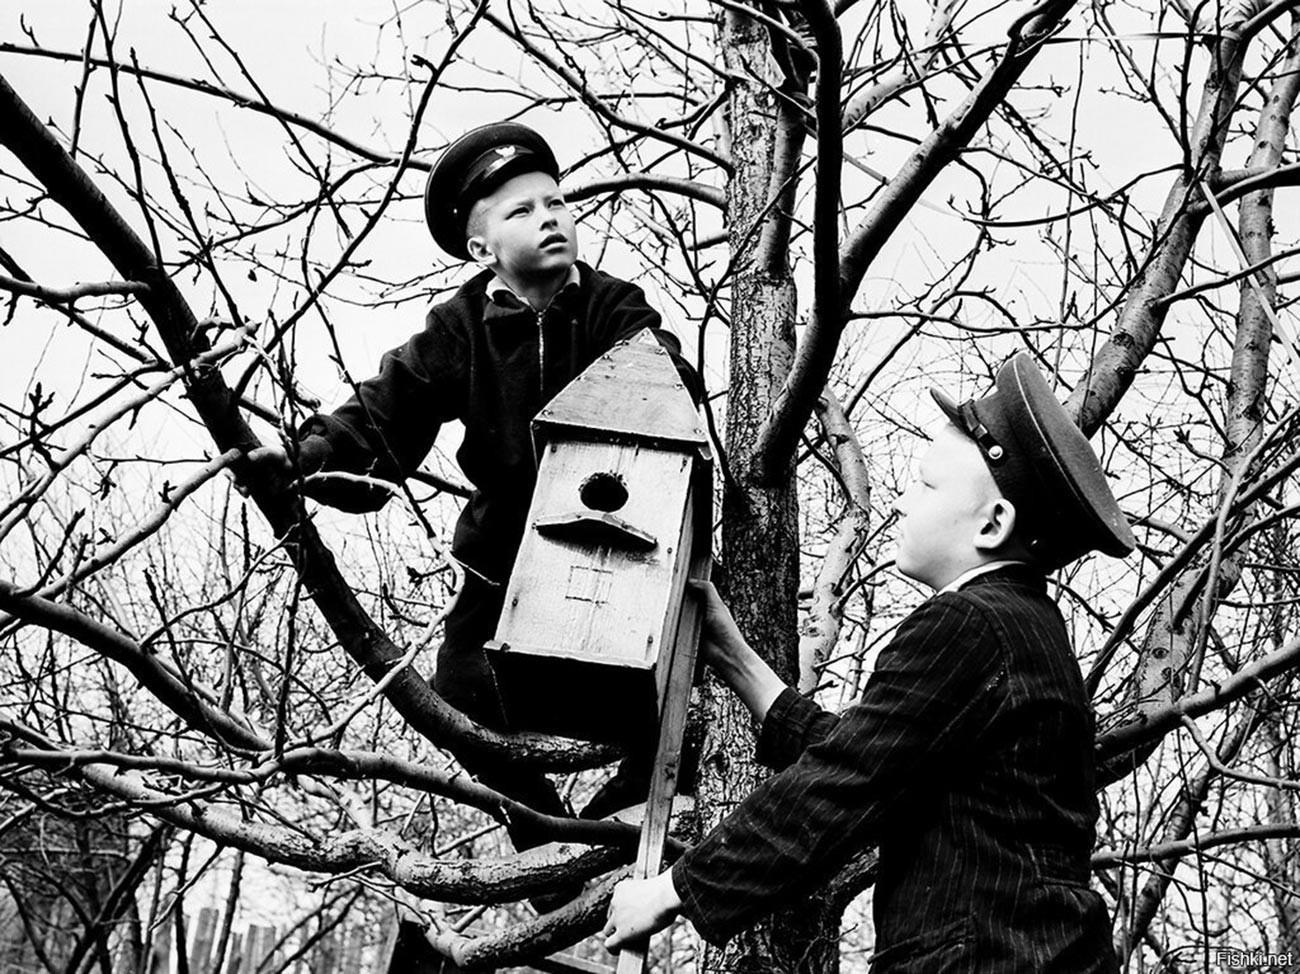 Des écoliers préparant l'arrivée des oiseaux, 1959